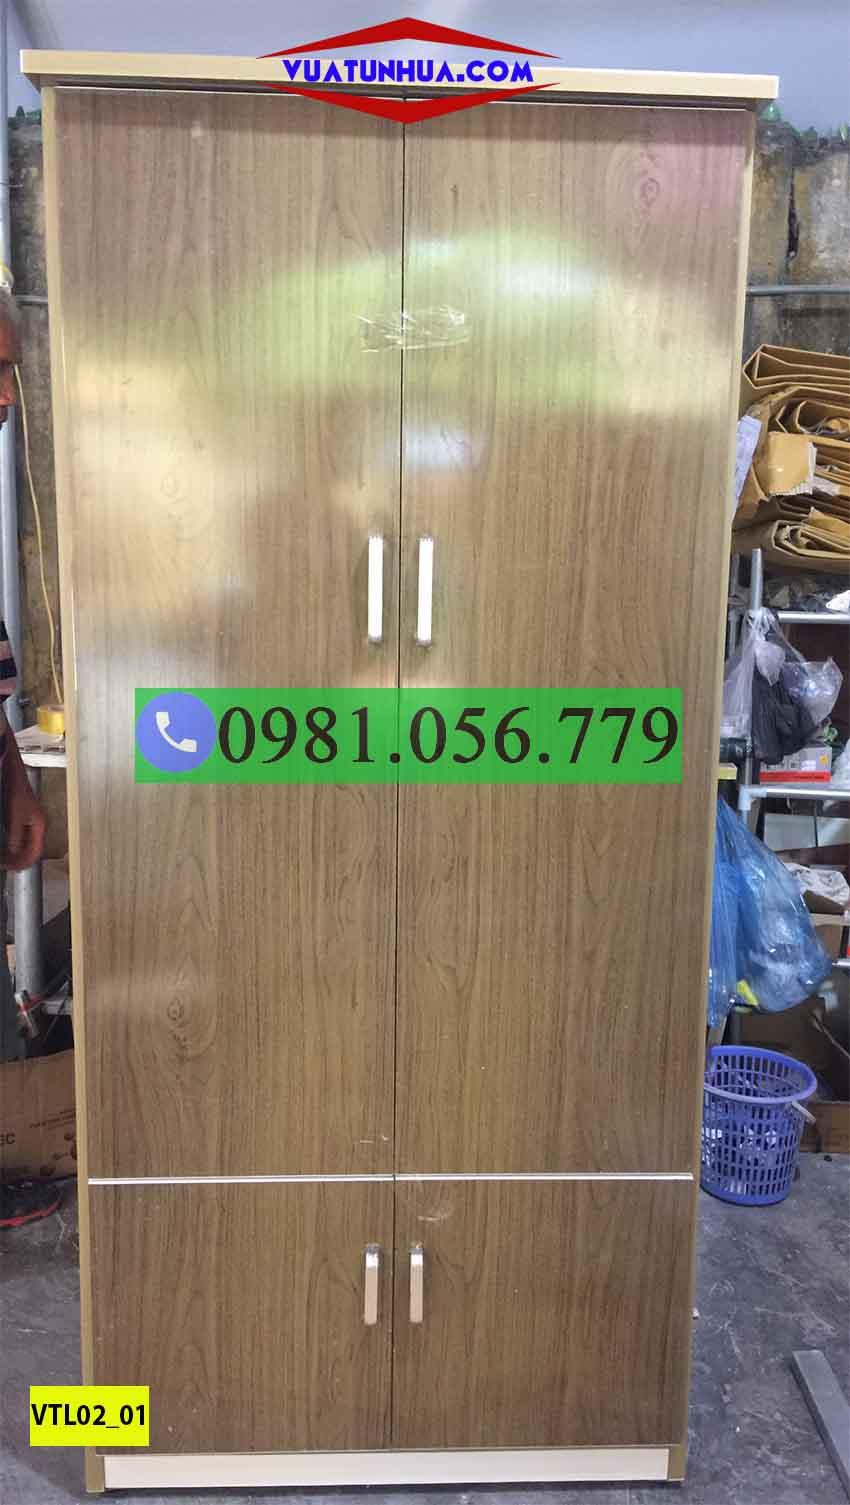 tủ nhựa đựng quần áo giá rẻ VTL02_01